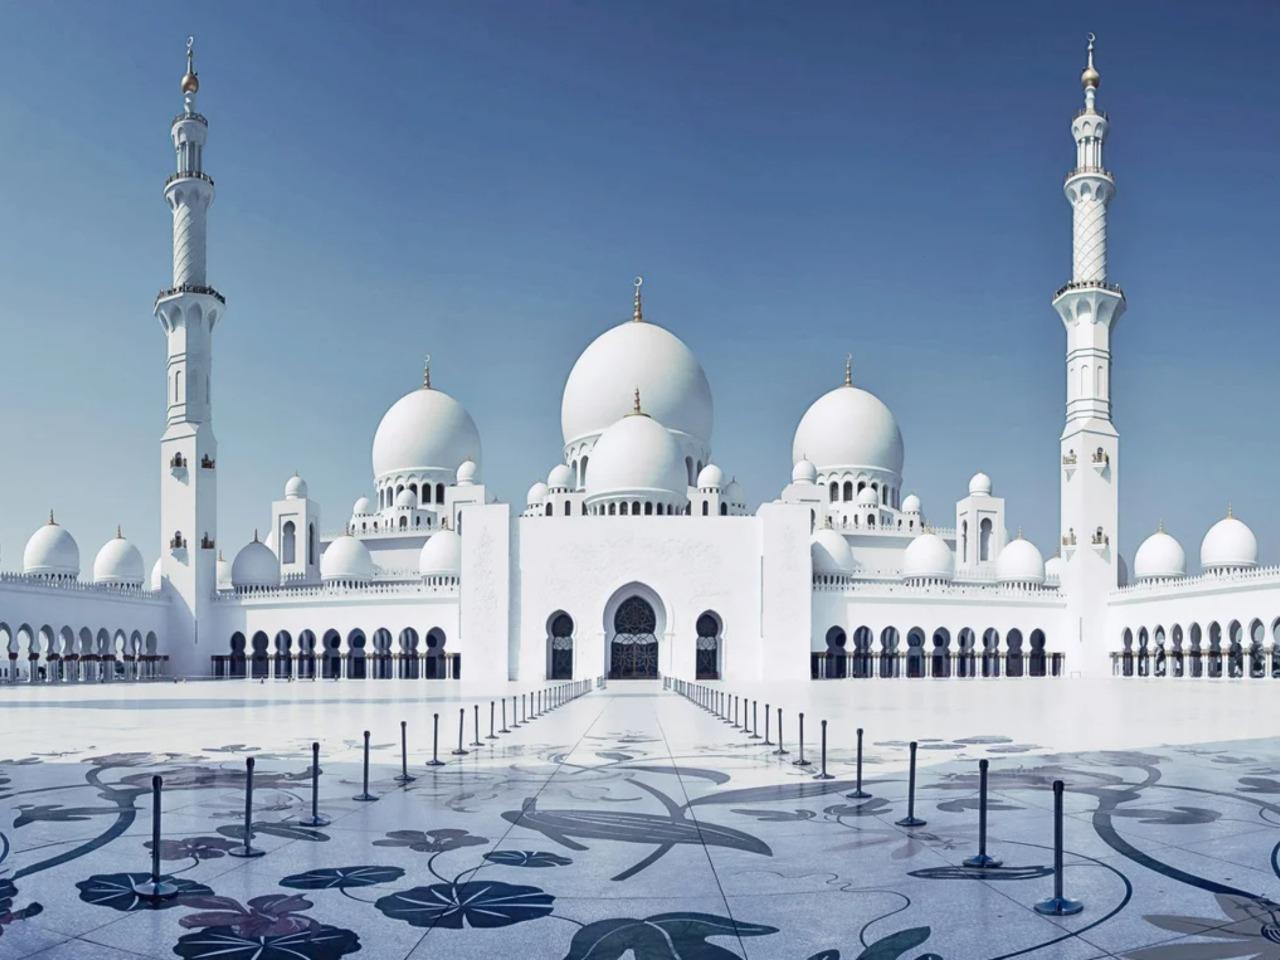 Сказочная столица ОАЭ — Абу-Даби - индивидуальная экскурсия в Дубае от опытного гида